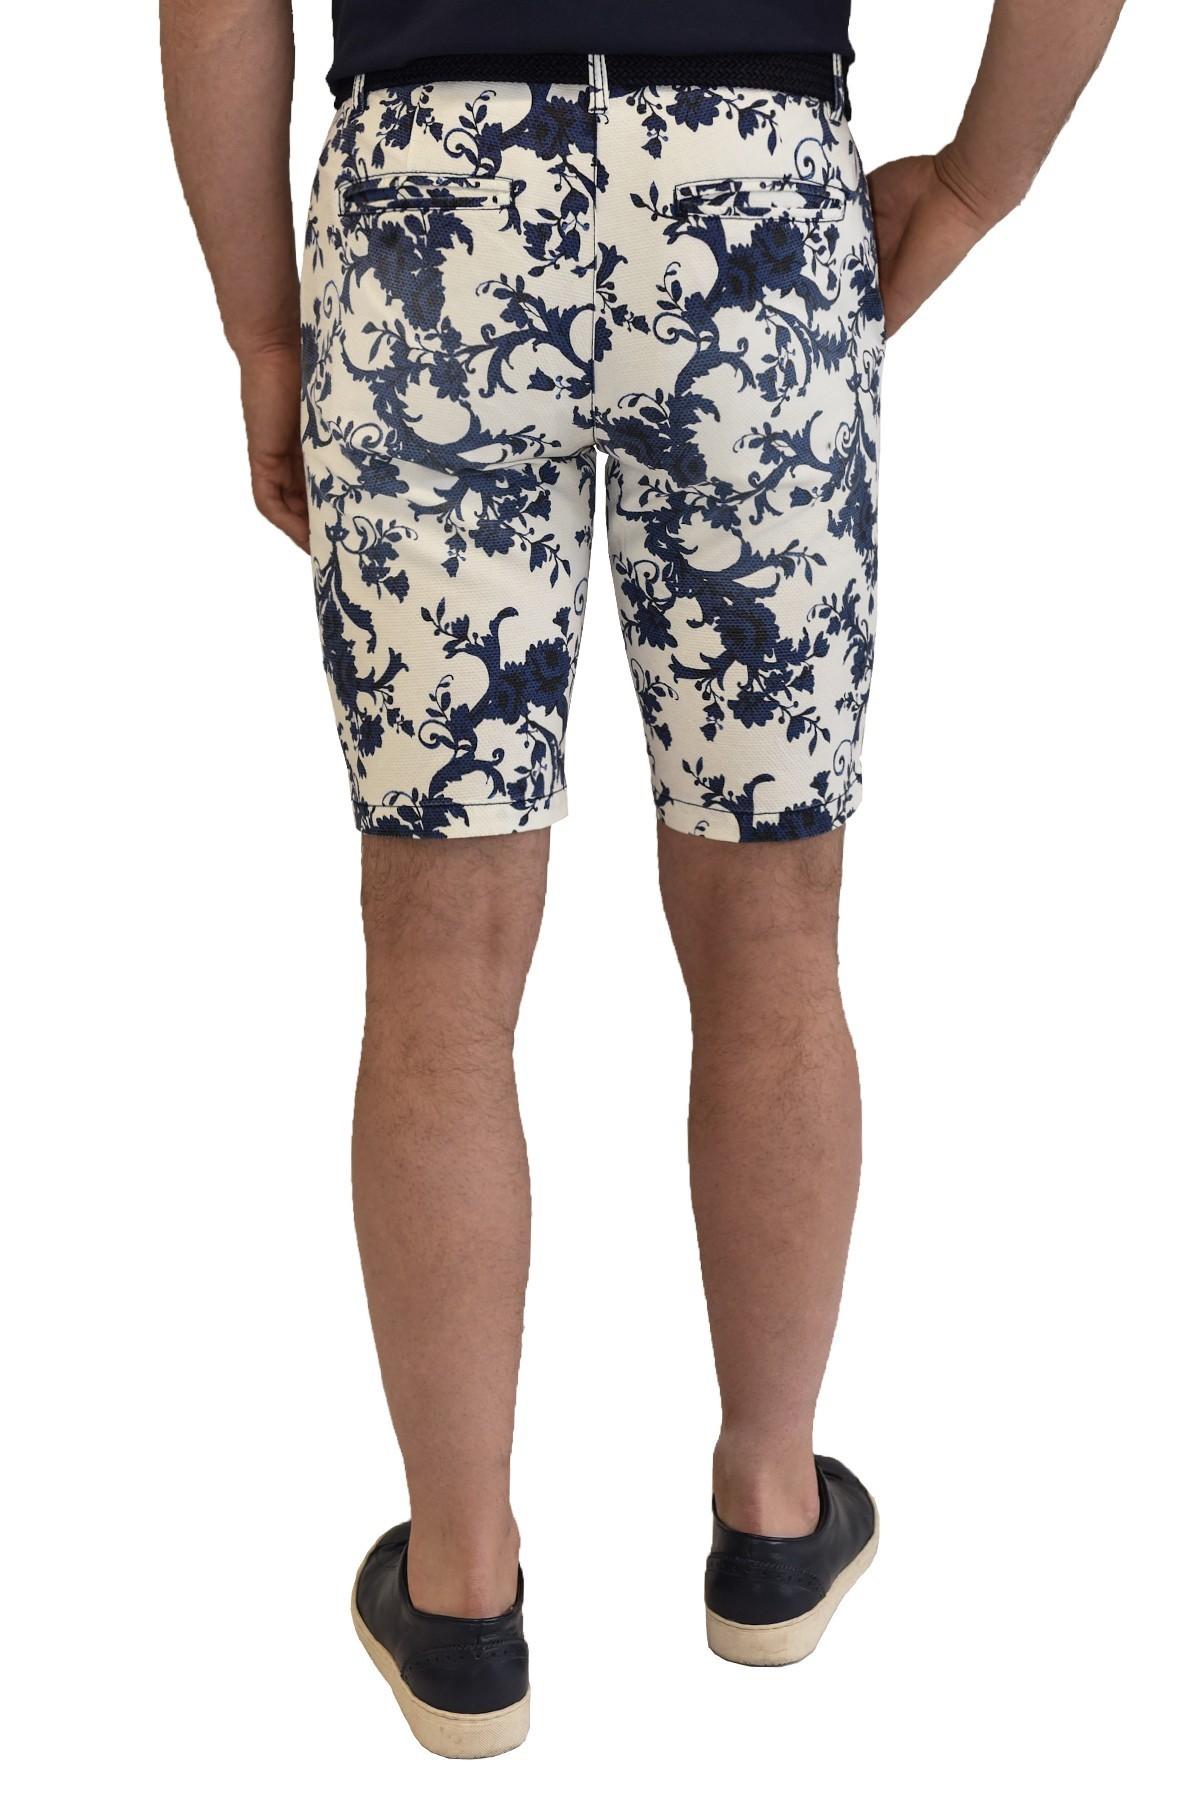 Navy-white men's shorts